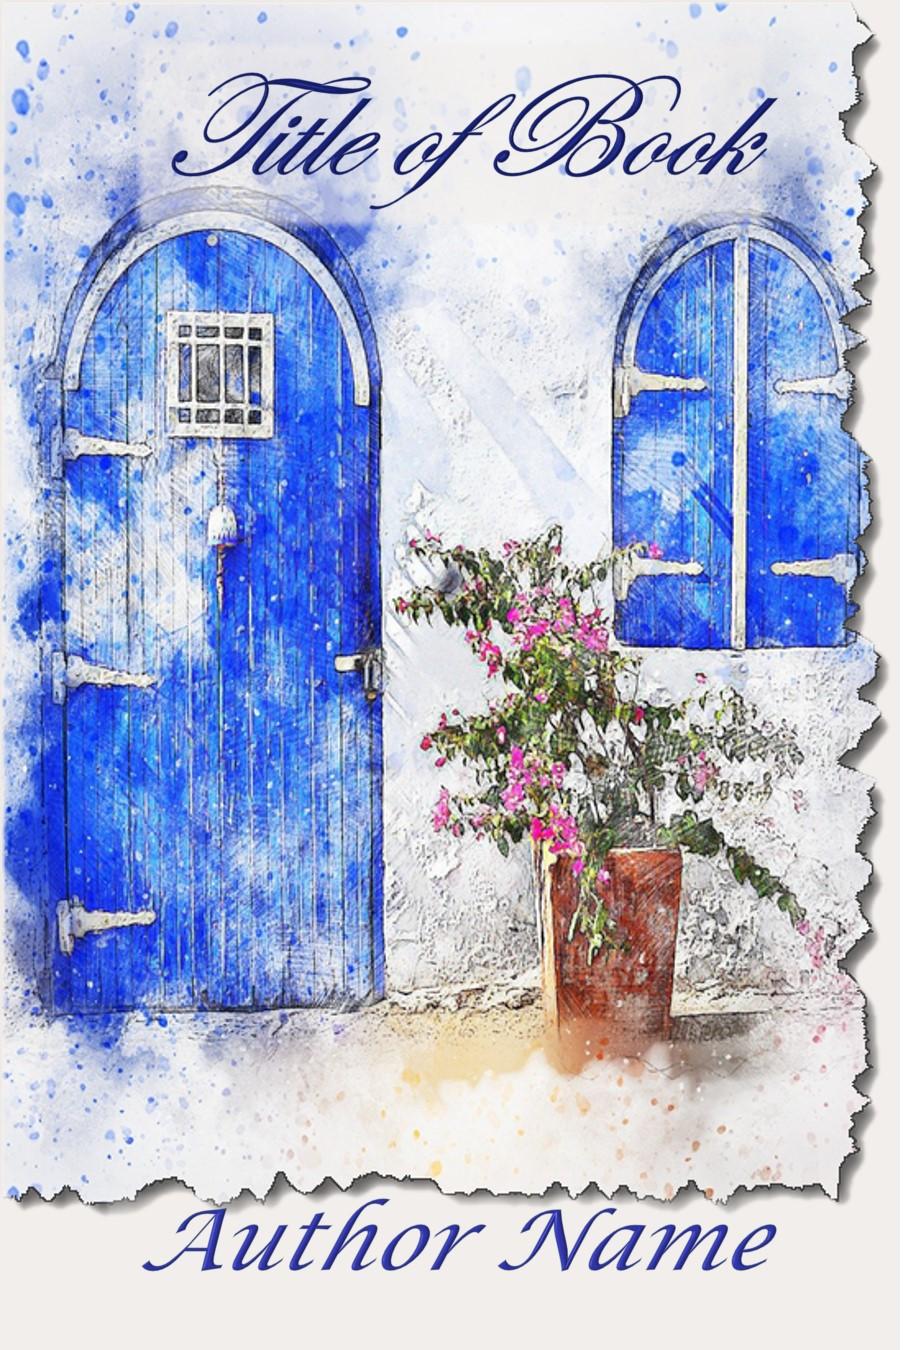 Group II. Blue Door Shutters Watercolor